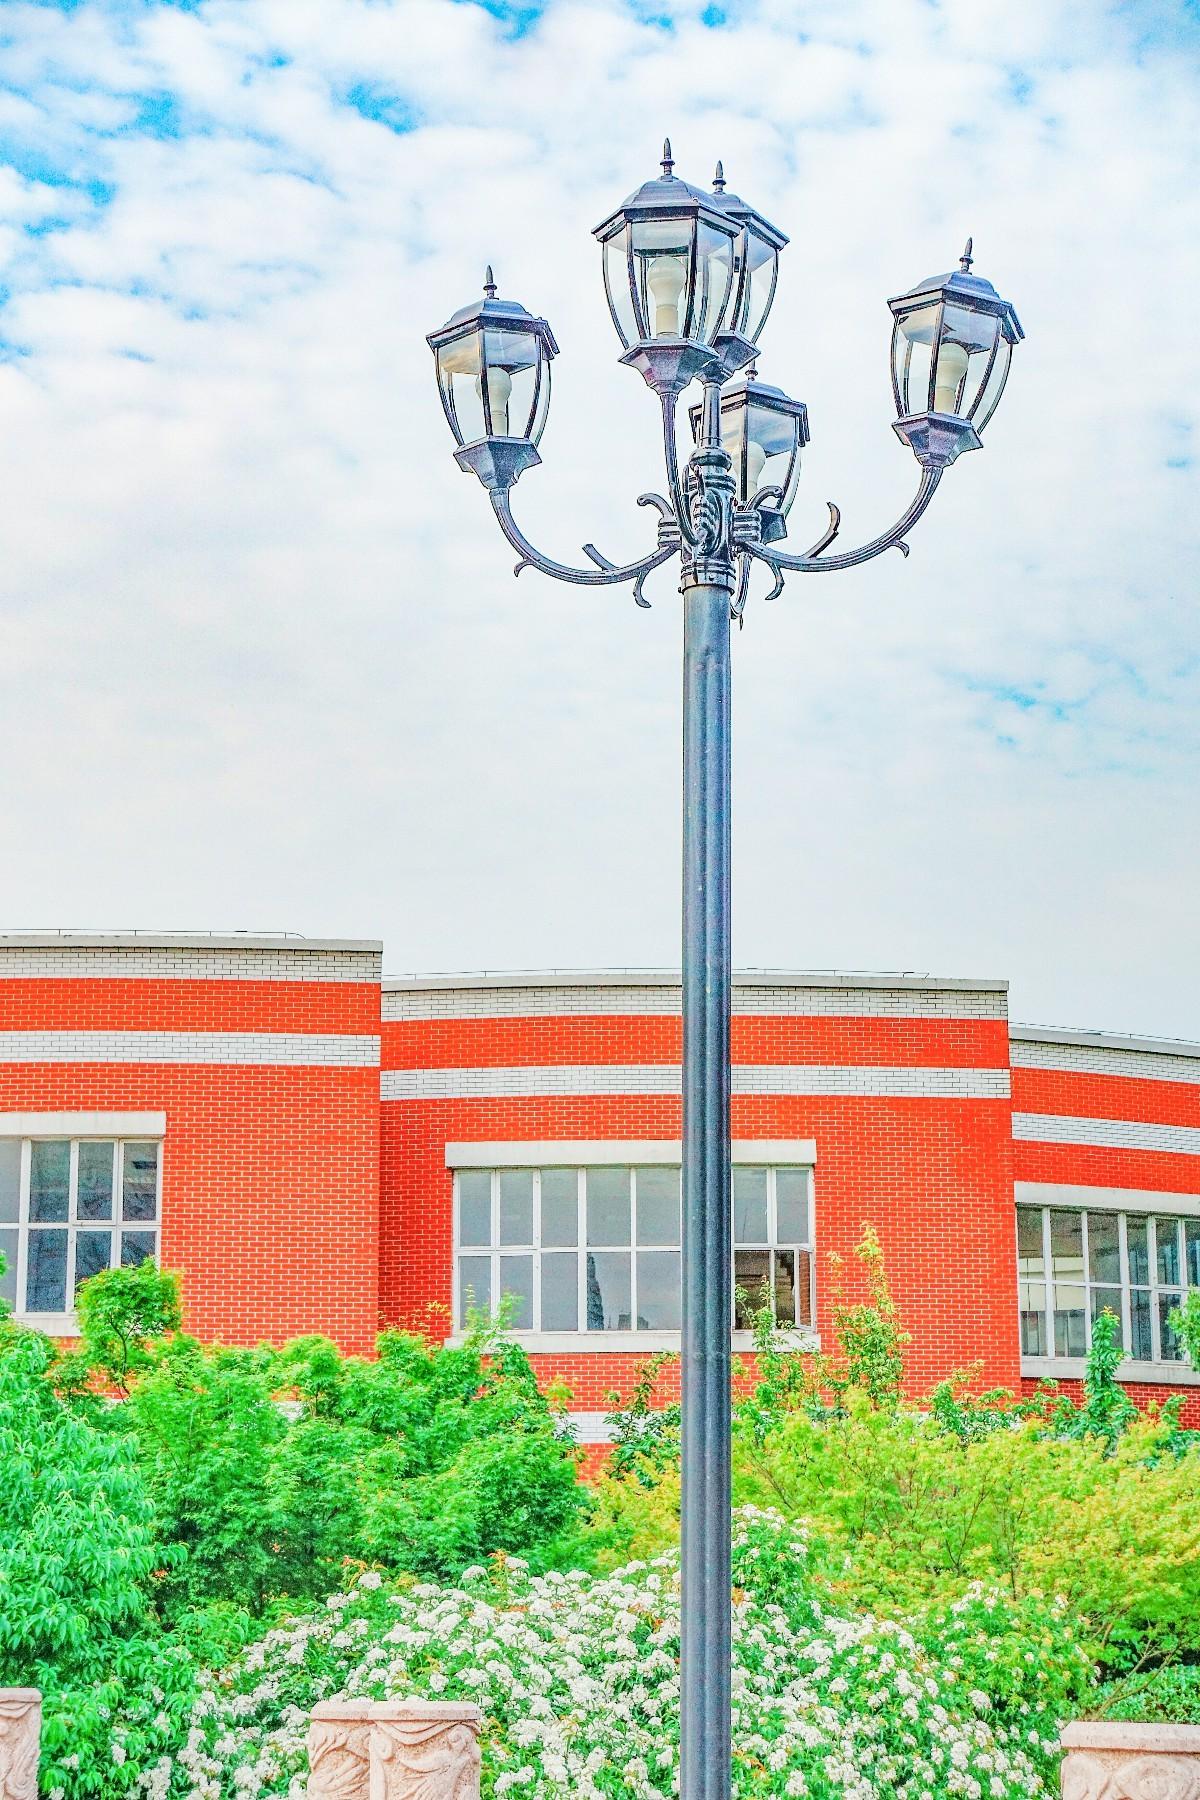 延吉天一中学无锡高中的图片